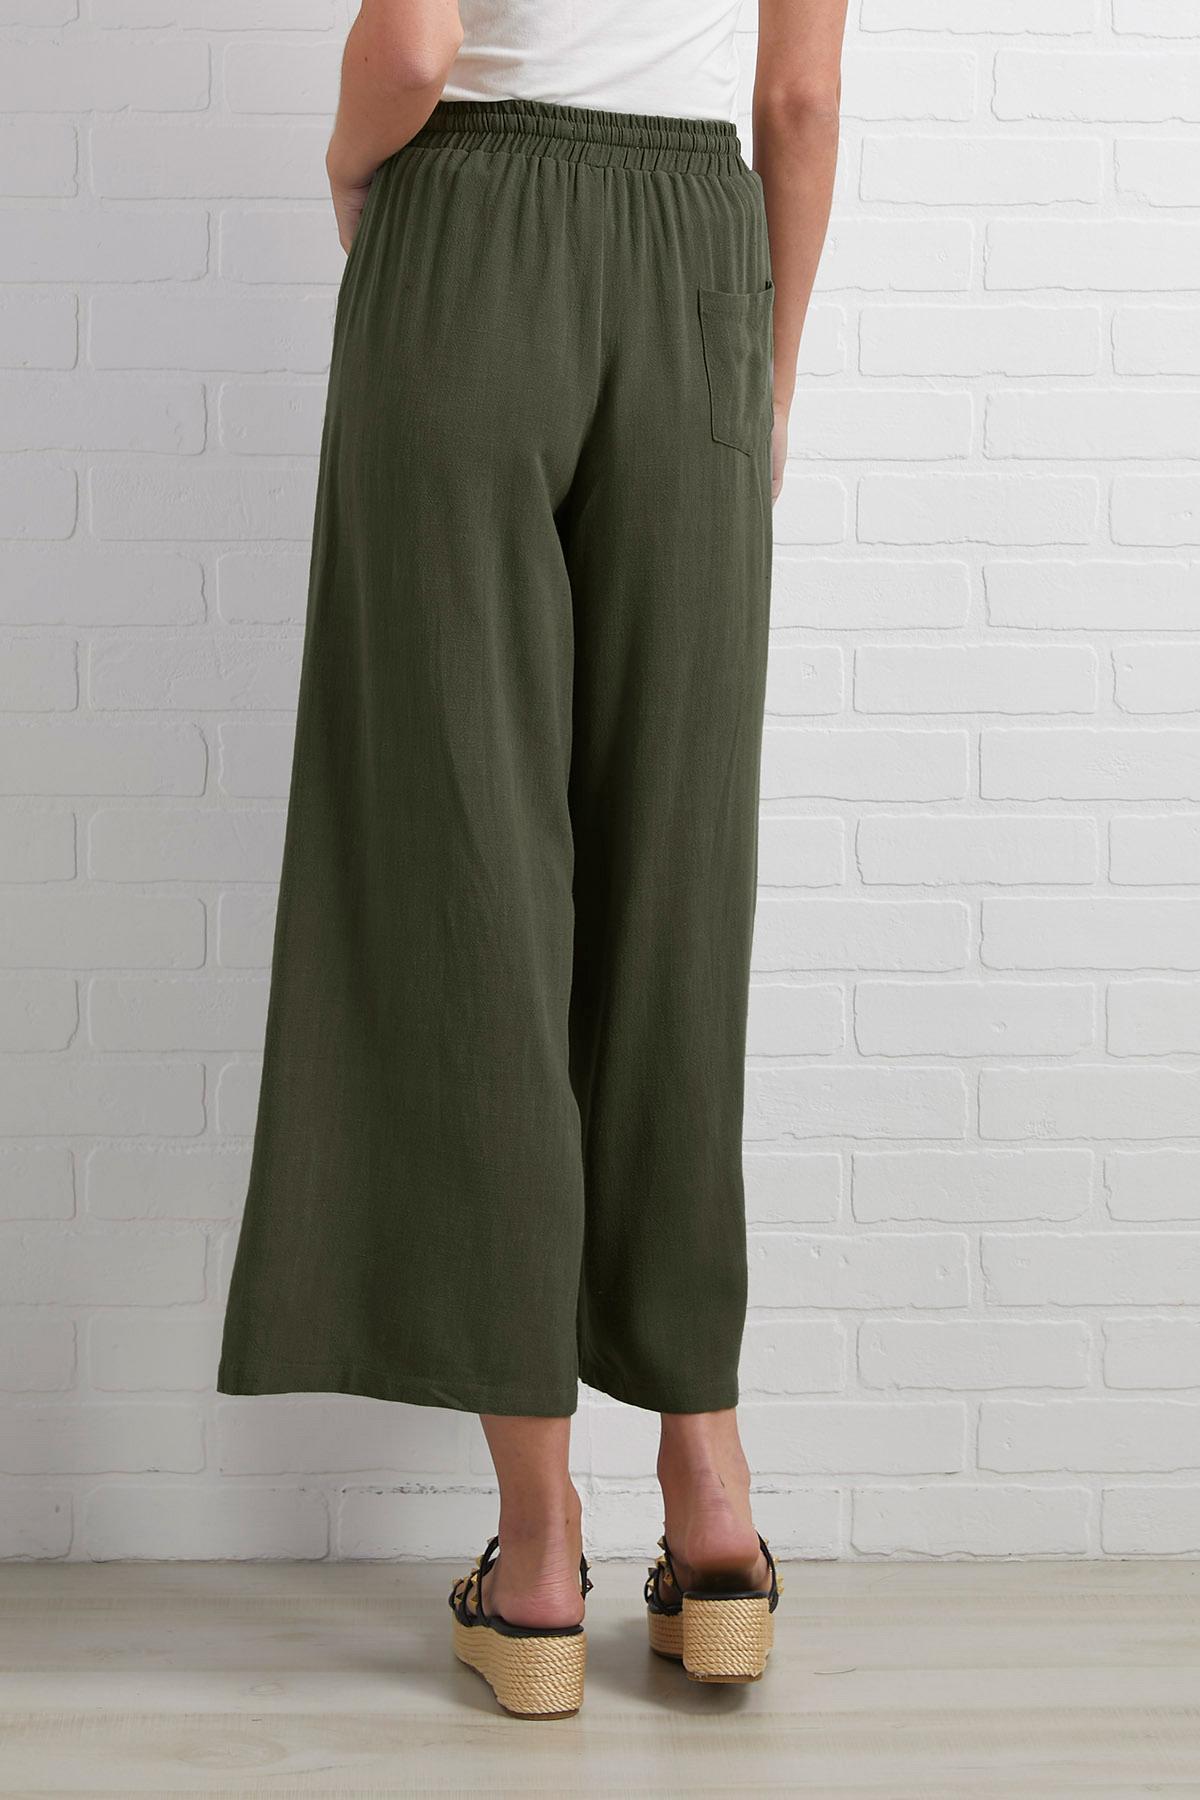 Liking Linen Pants